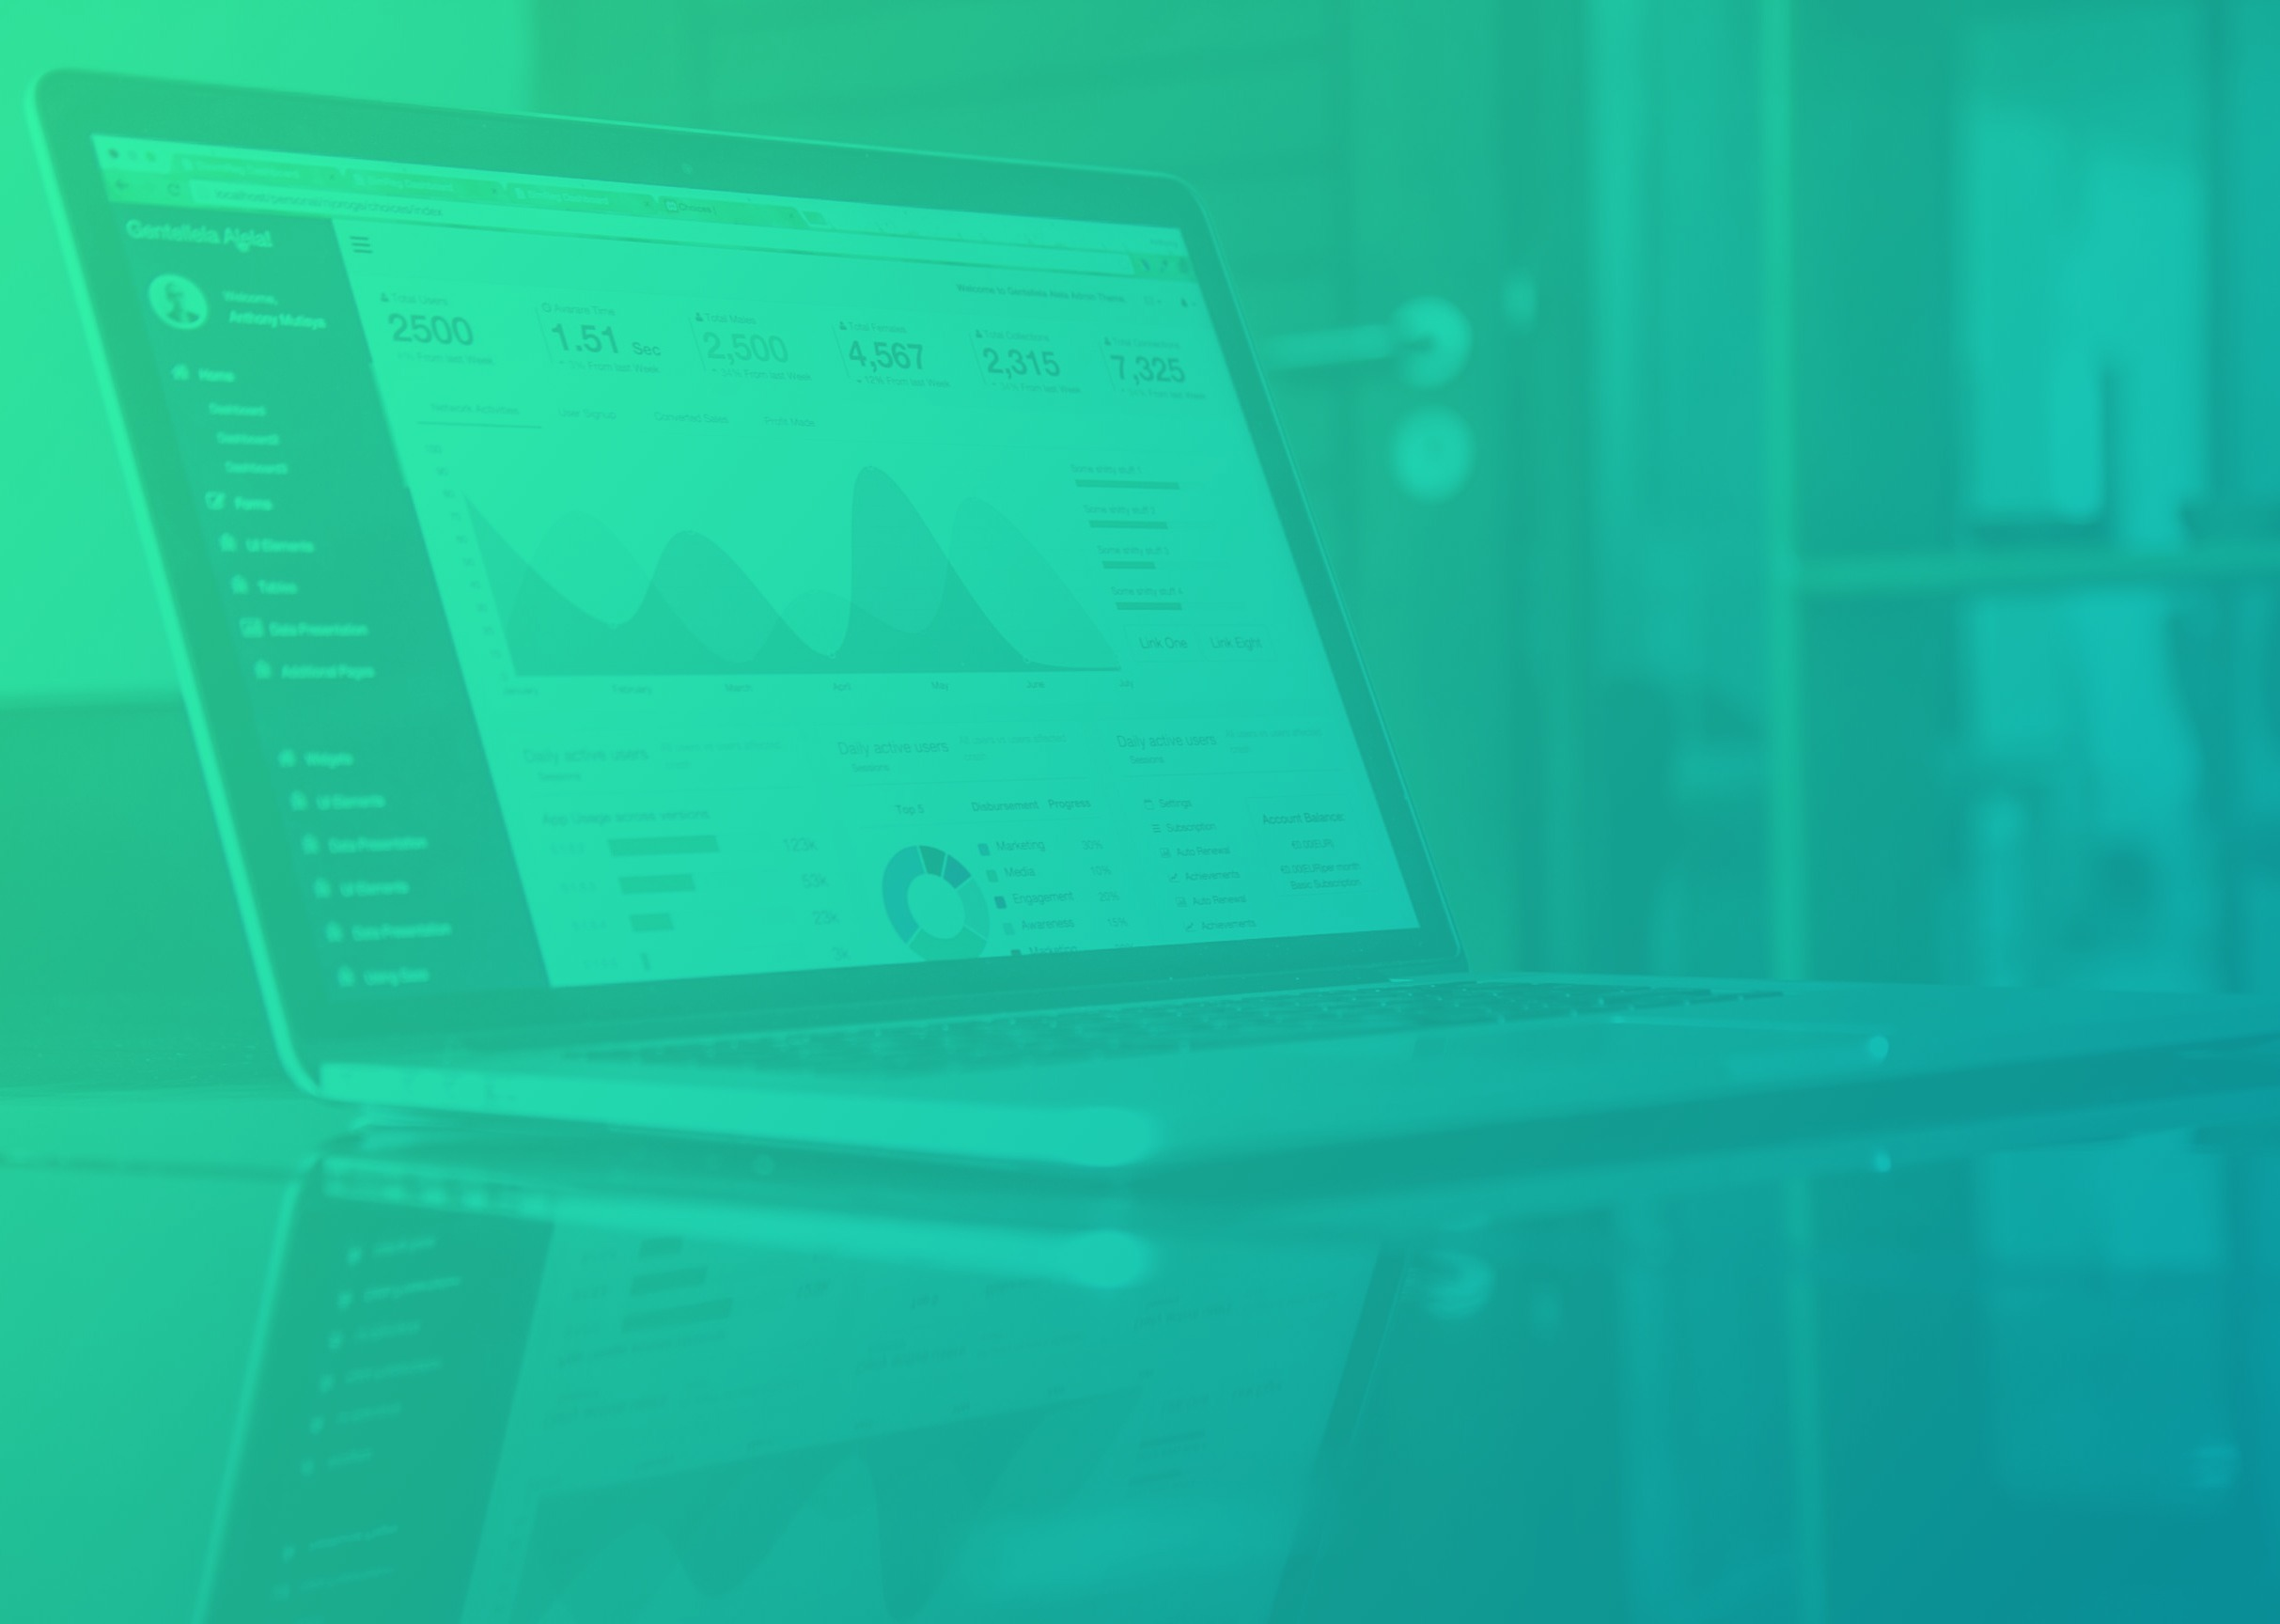 Goolge analytics on a desktop